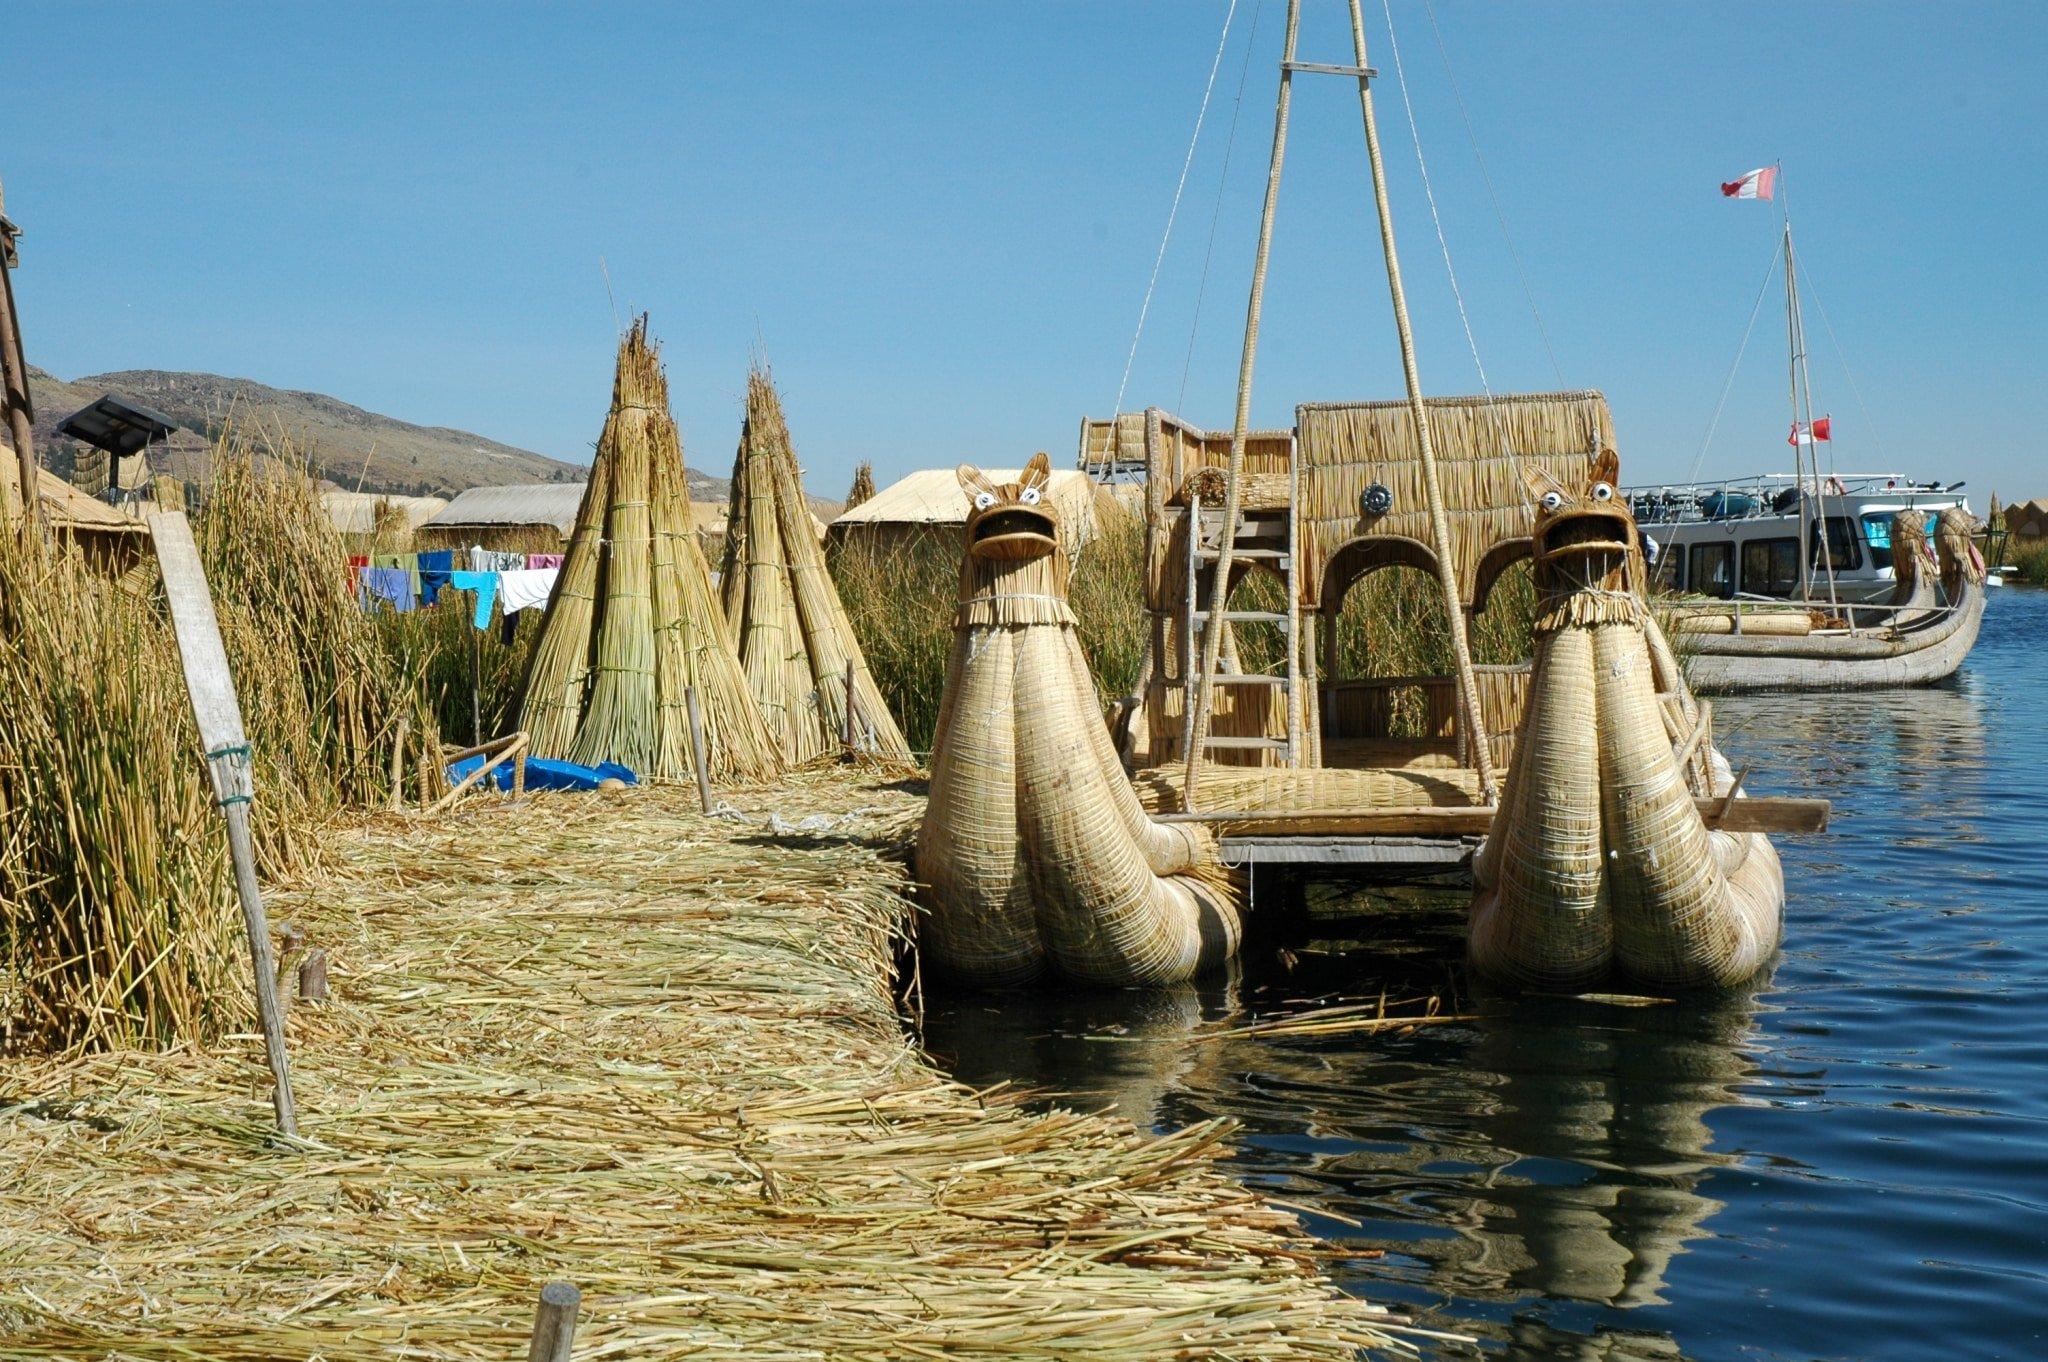 Khám phá nguồn gốc bí ẩn những bức tượng đá trên Đảo Phục sinh - 7